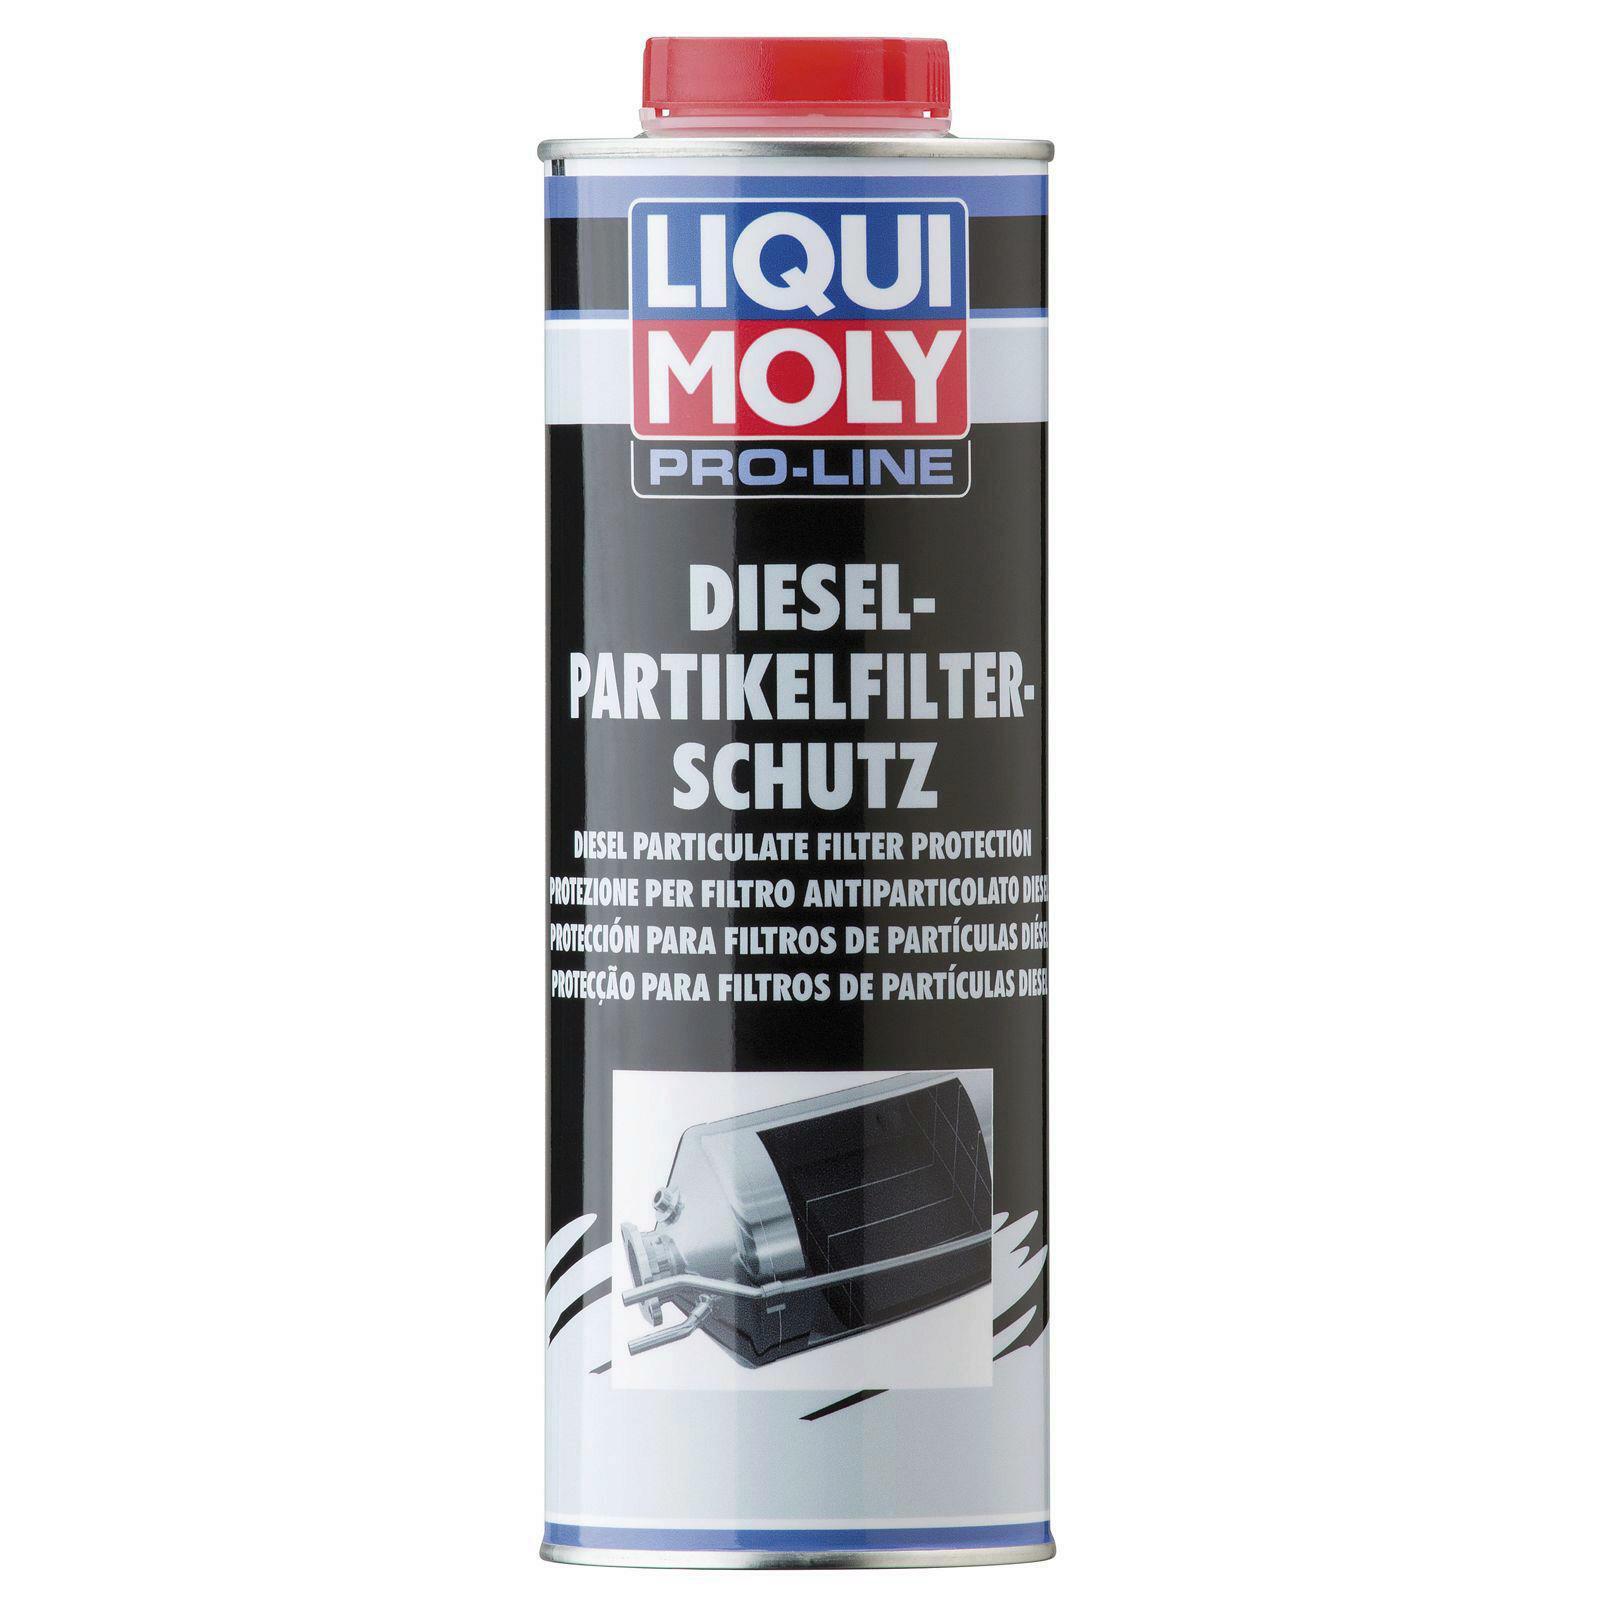 Liqui Moly Pro-Line Dieselpartikelfilter-Schutz 1l